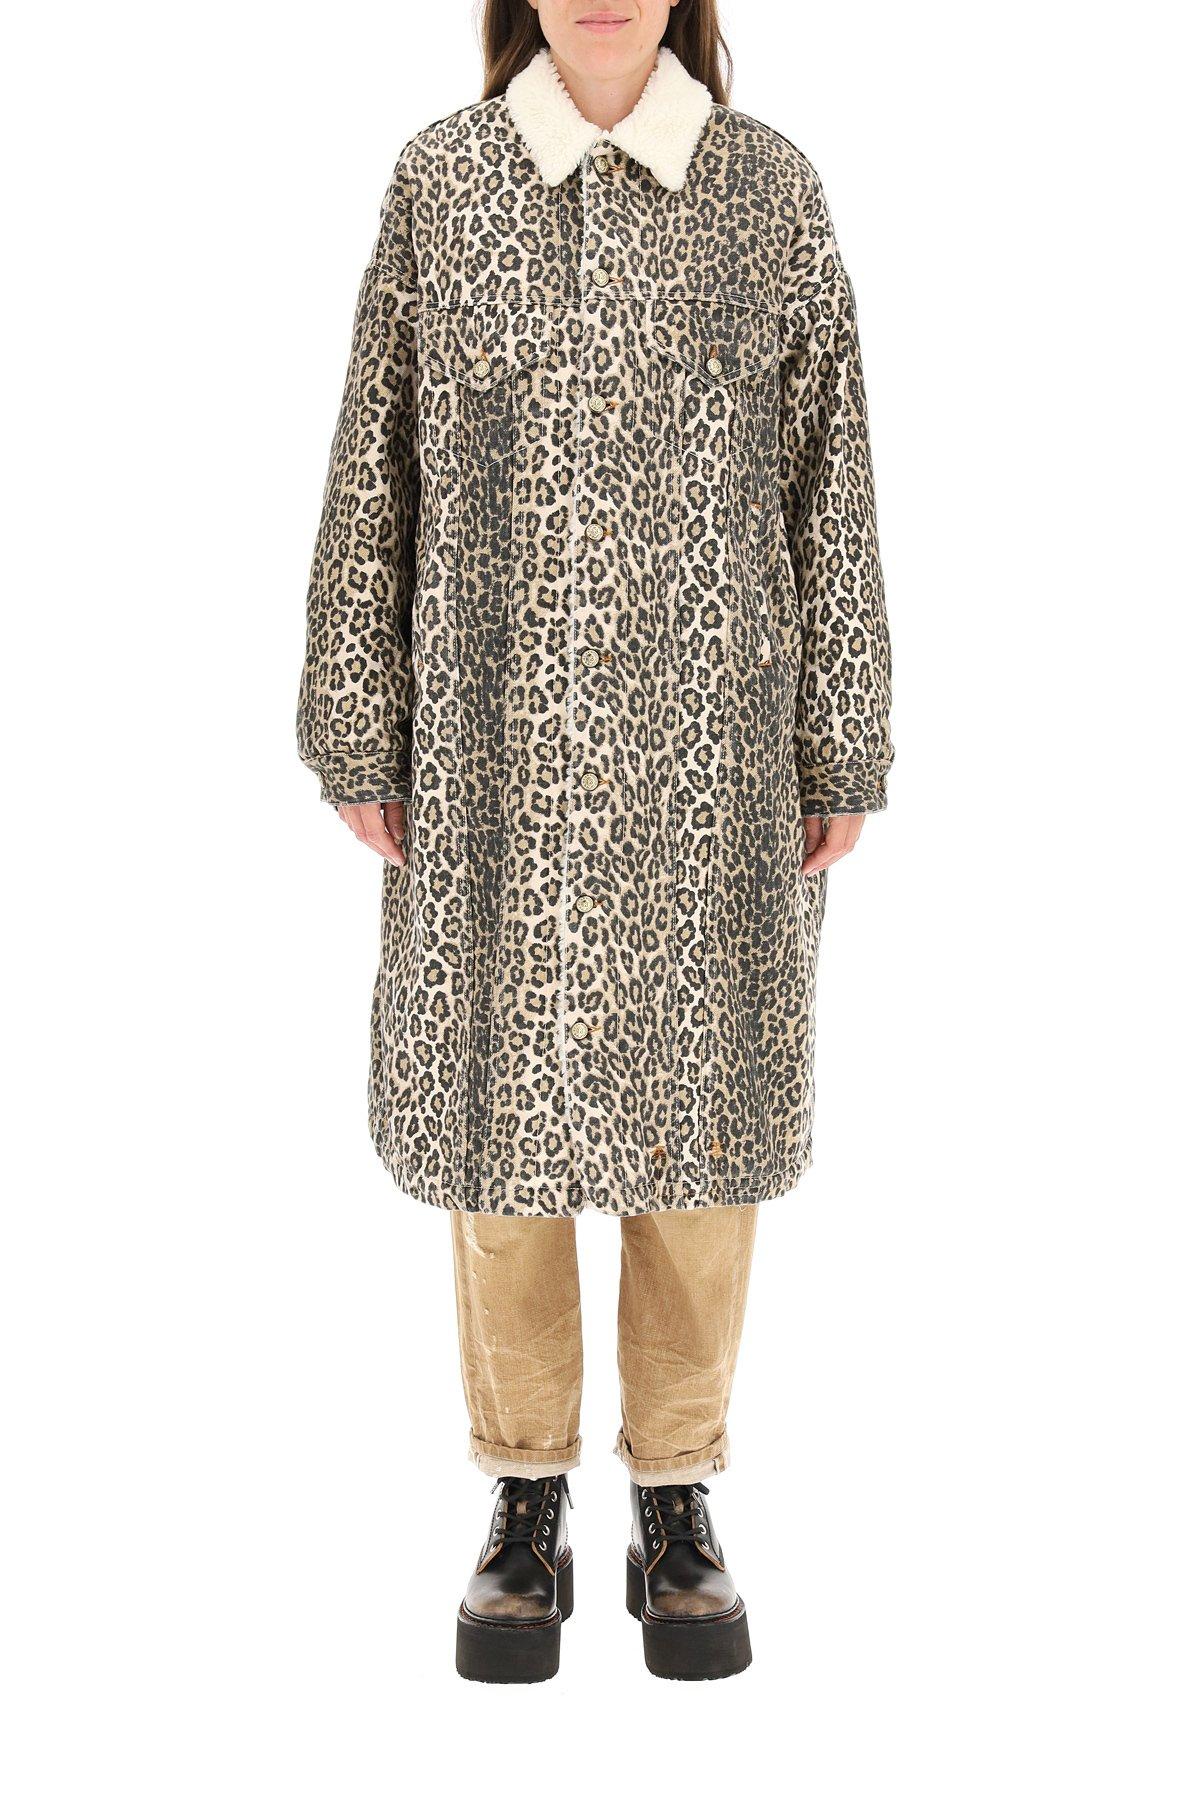 R13 cappotto lyle truker